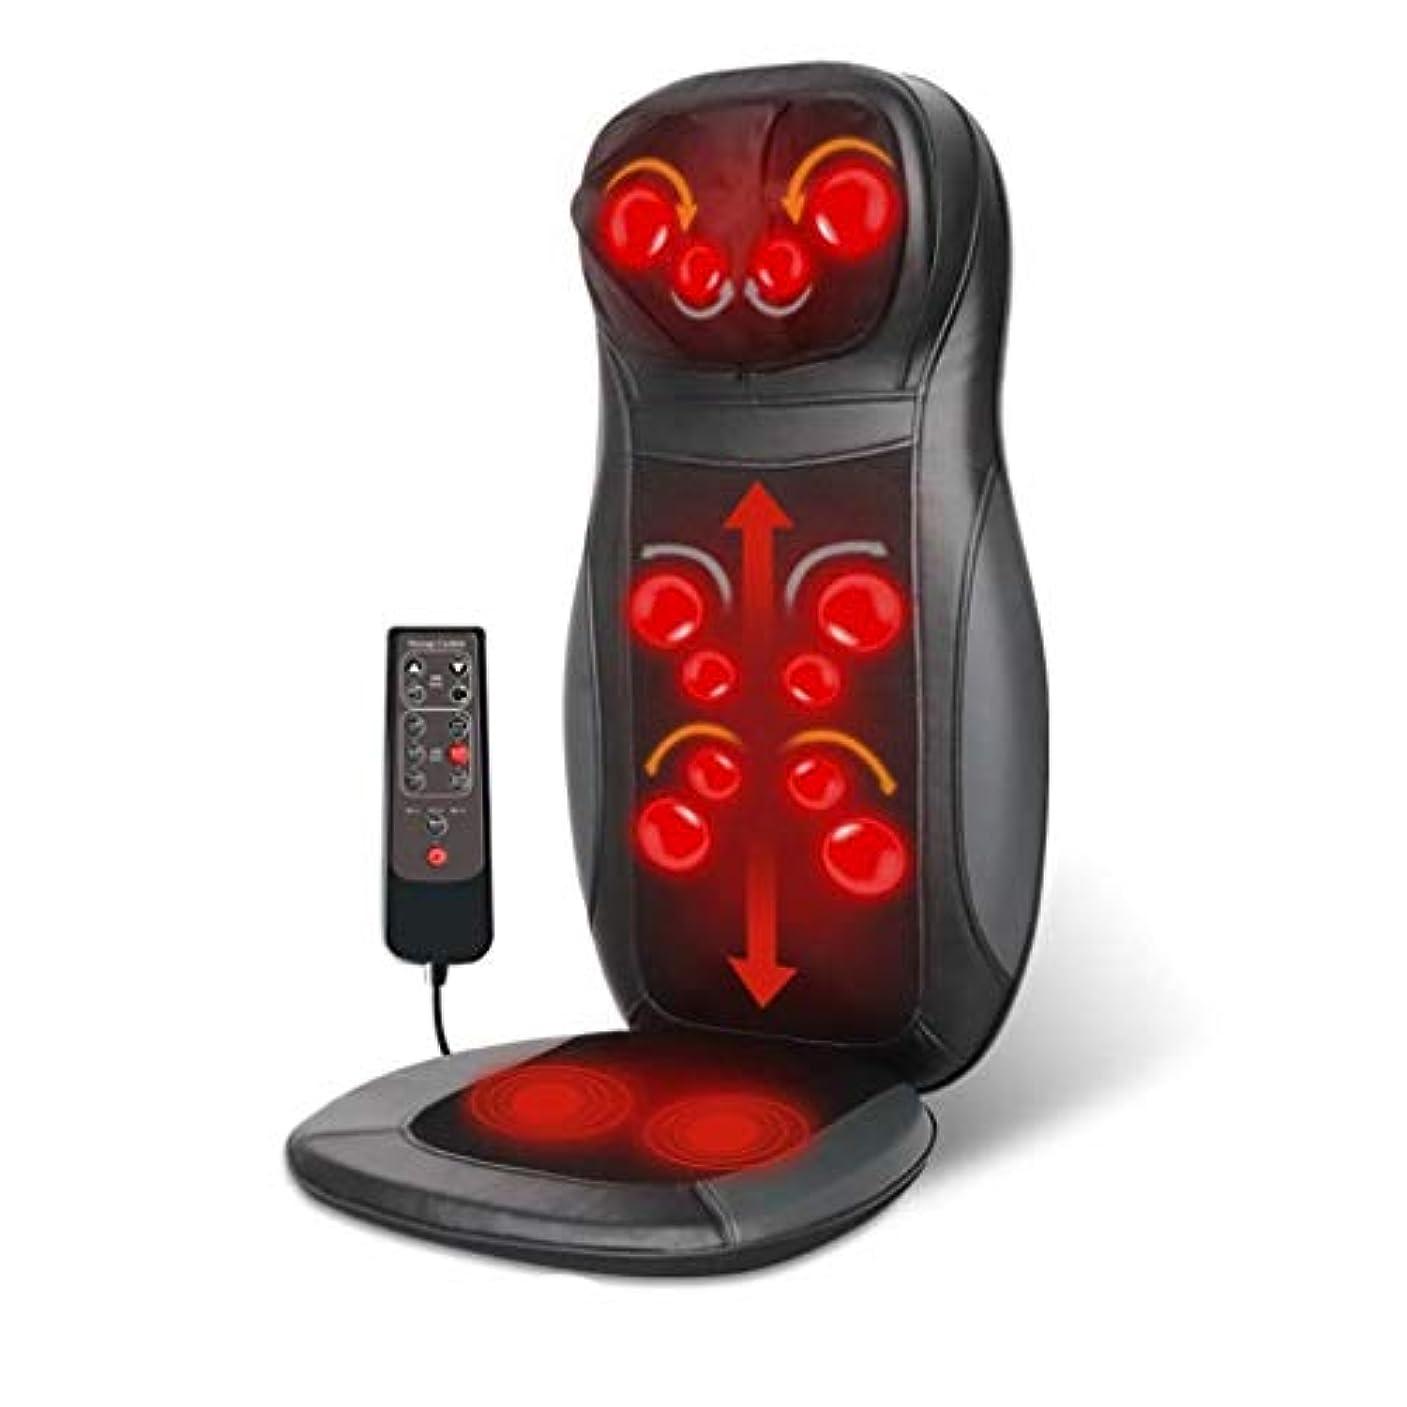 バンク電気のケイ素カーマッサージクッション、多機能マッサージクッション、ホームマッサージャー、調節可能なスマートなワンボタン、ヒーターボディバイブレーションマッサージ、ネックショルダーウエストバック付き (Color : 黒)